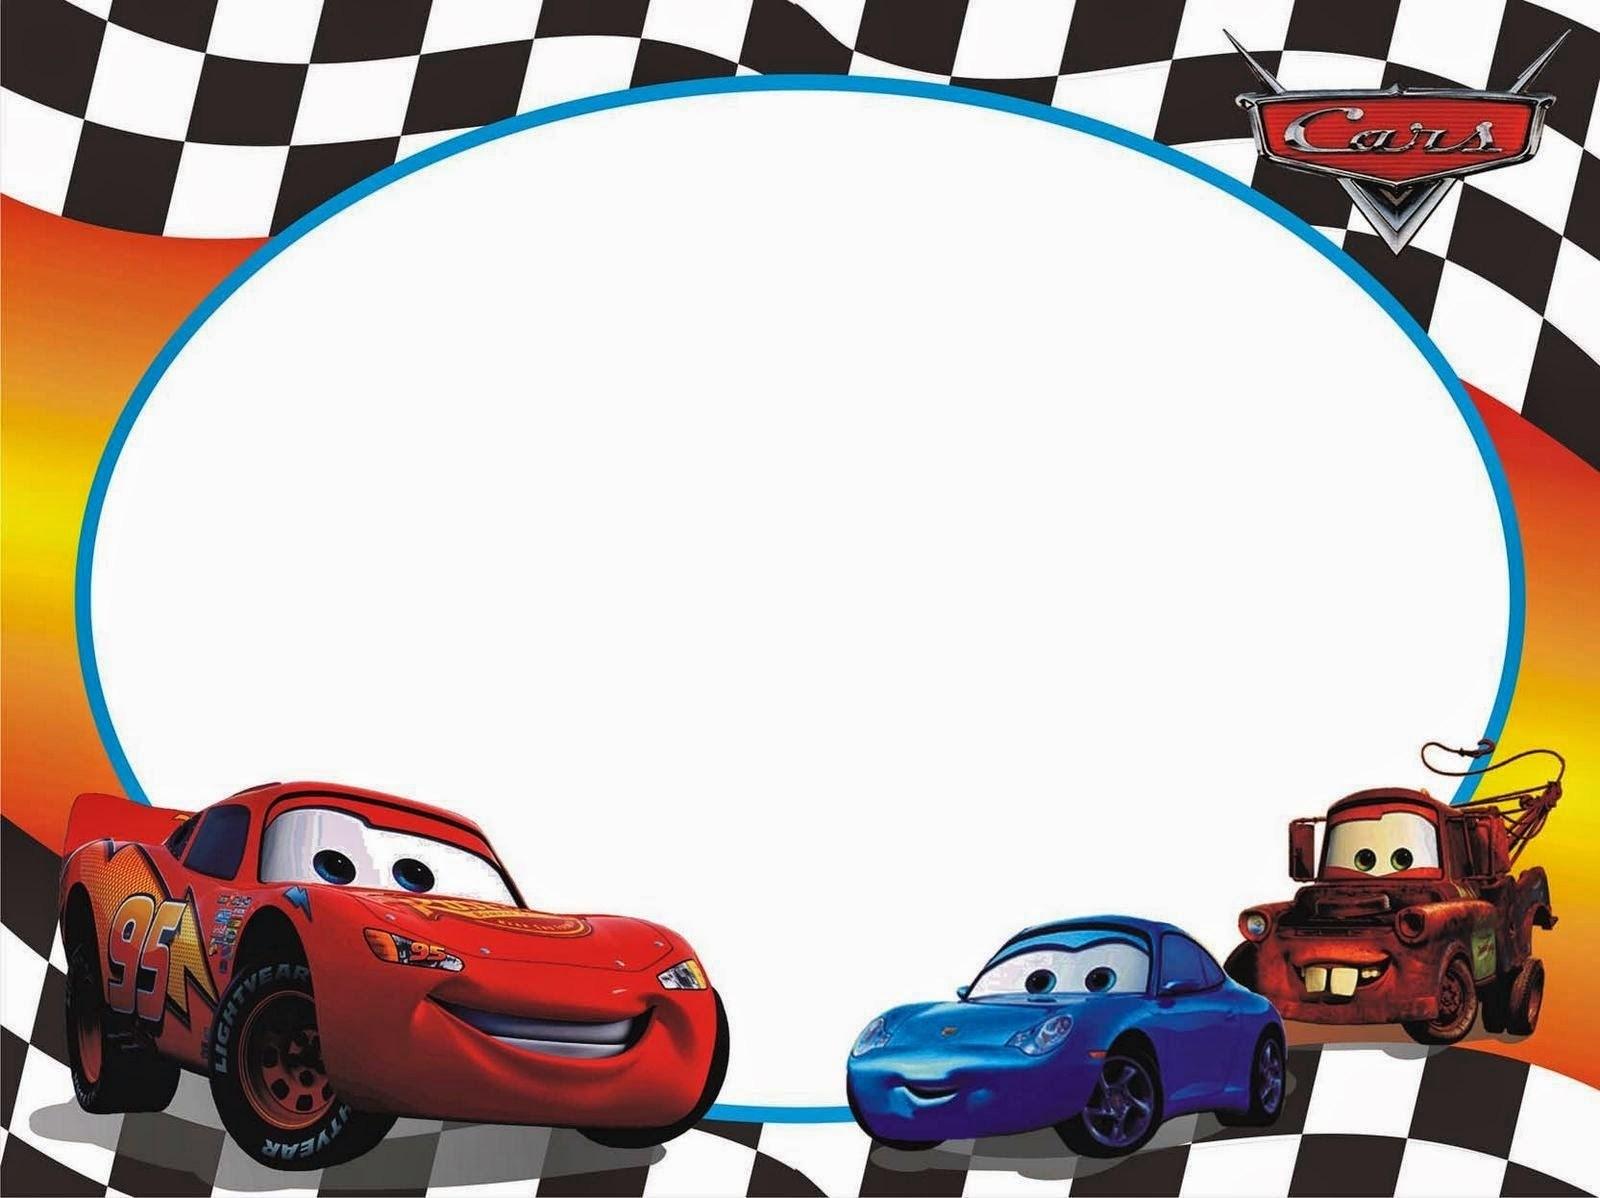 Free disney pixar cars clipart 4 » Clipart Portal.